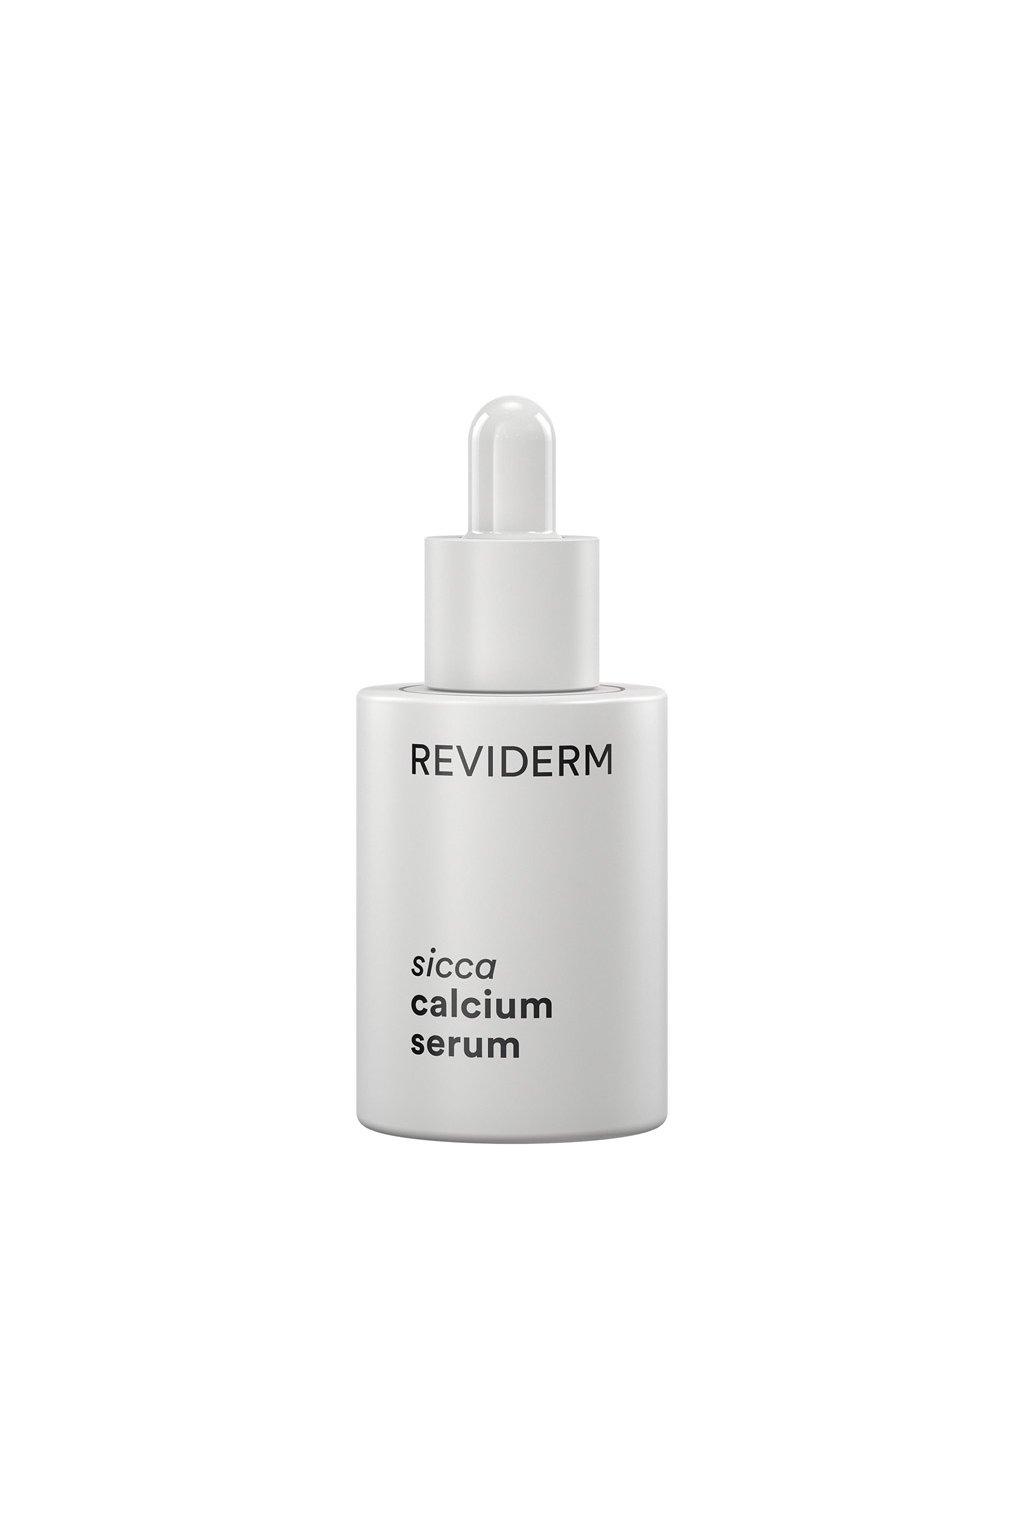 sicca calcium serum | 30 ml